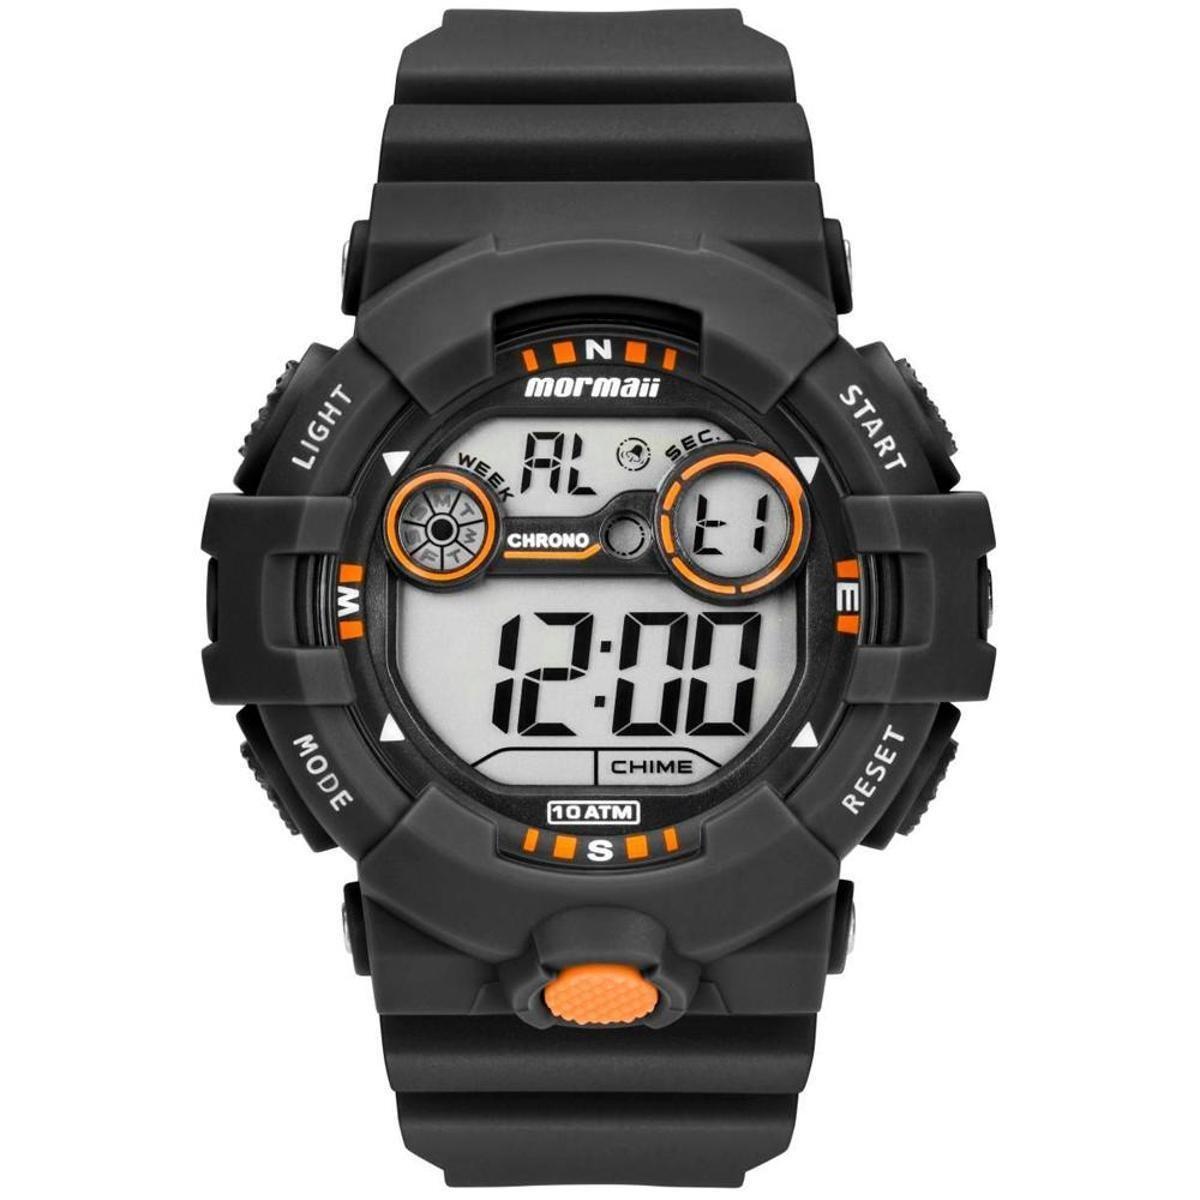 4167f9419b6 Relógio Mormaii Digital Acqua - Preto - Compre Agora